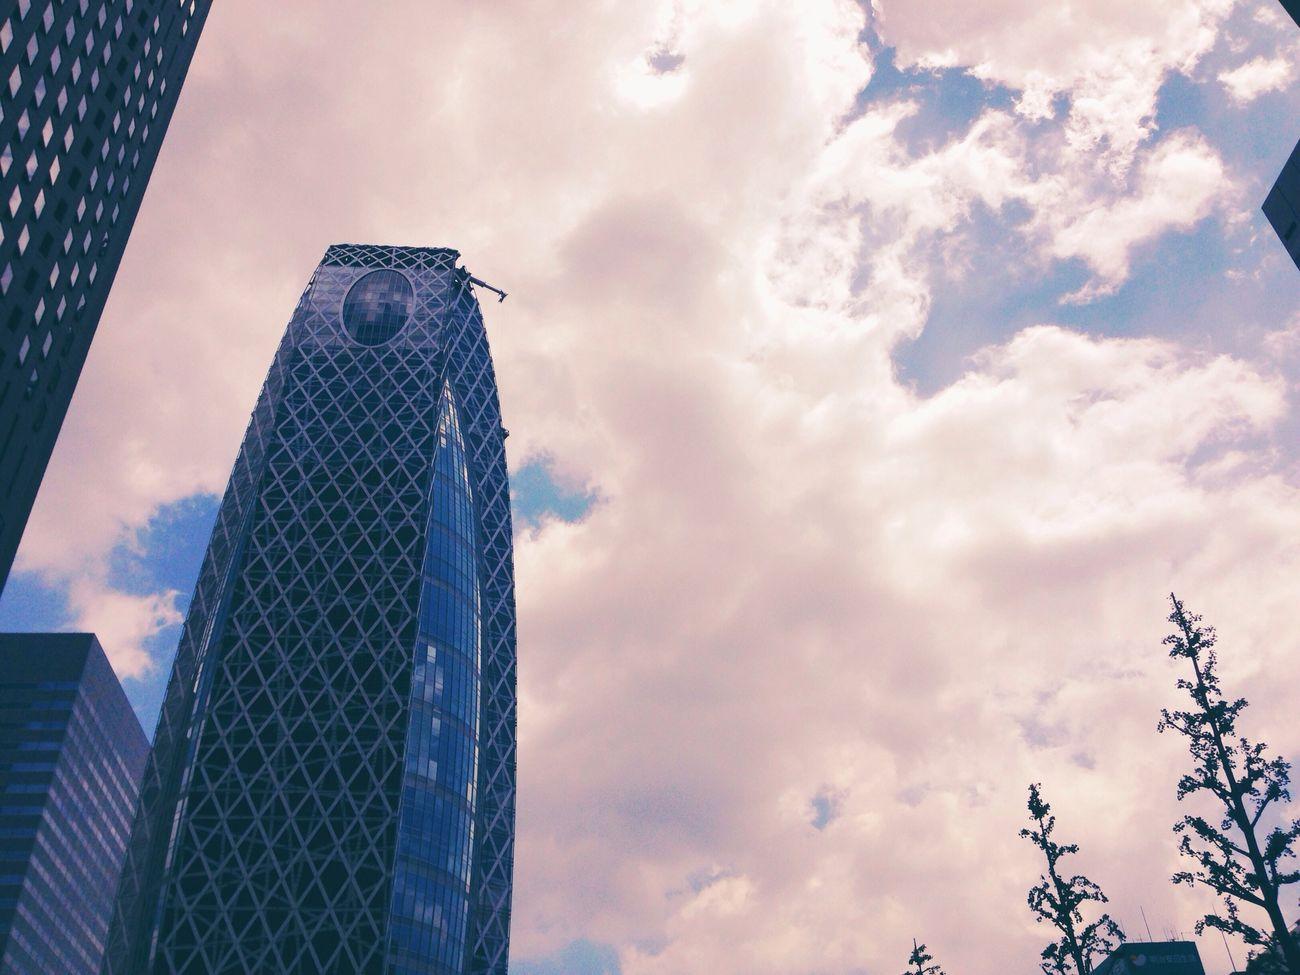 今日の空 / today's sky 旅行中にカメラを落下させてしまい…不具合はないもののフォーラムへ。 My camera is checking and creaning now. Sky Cityscapes